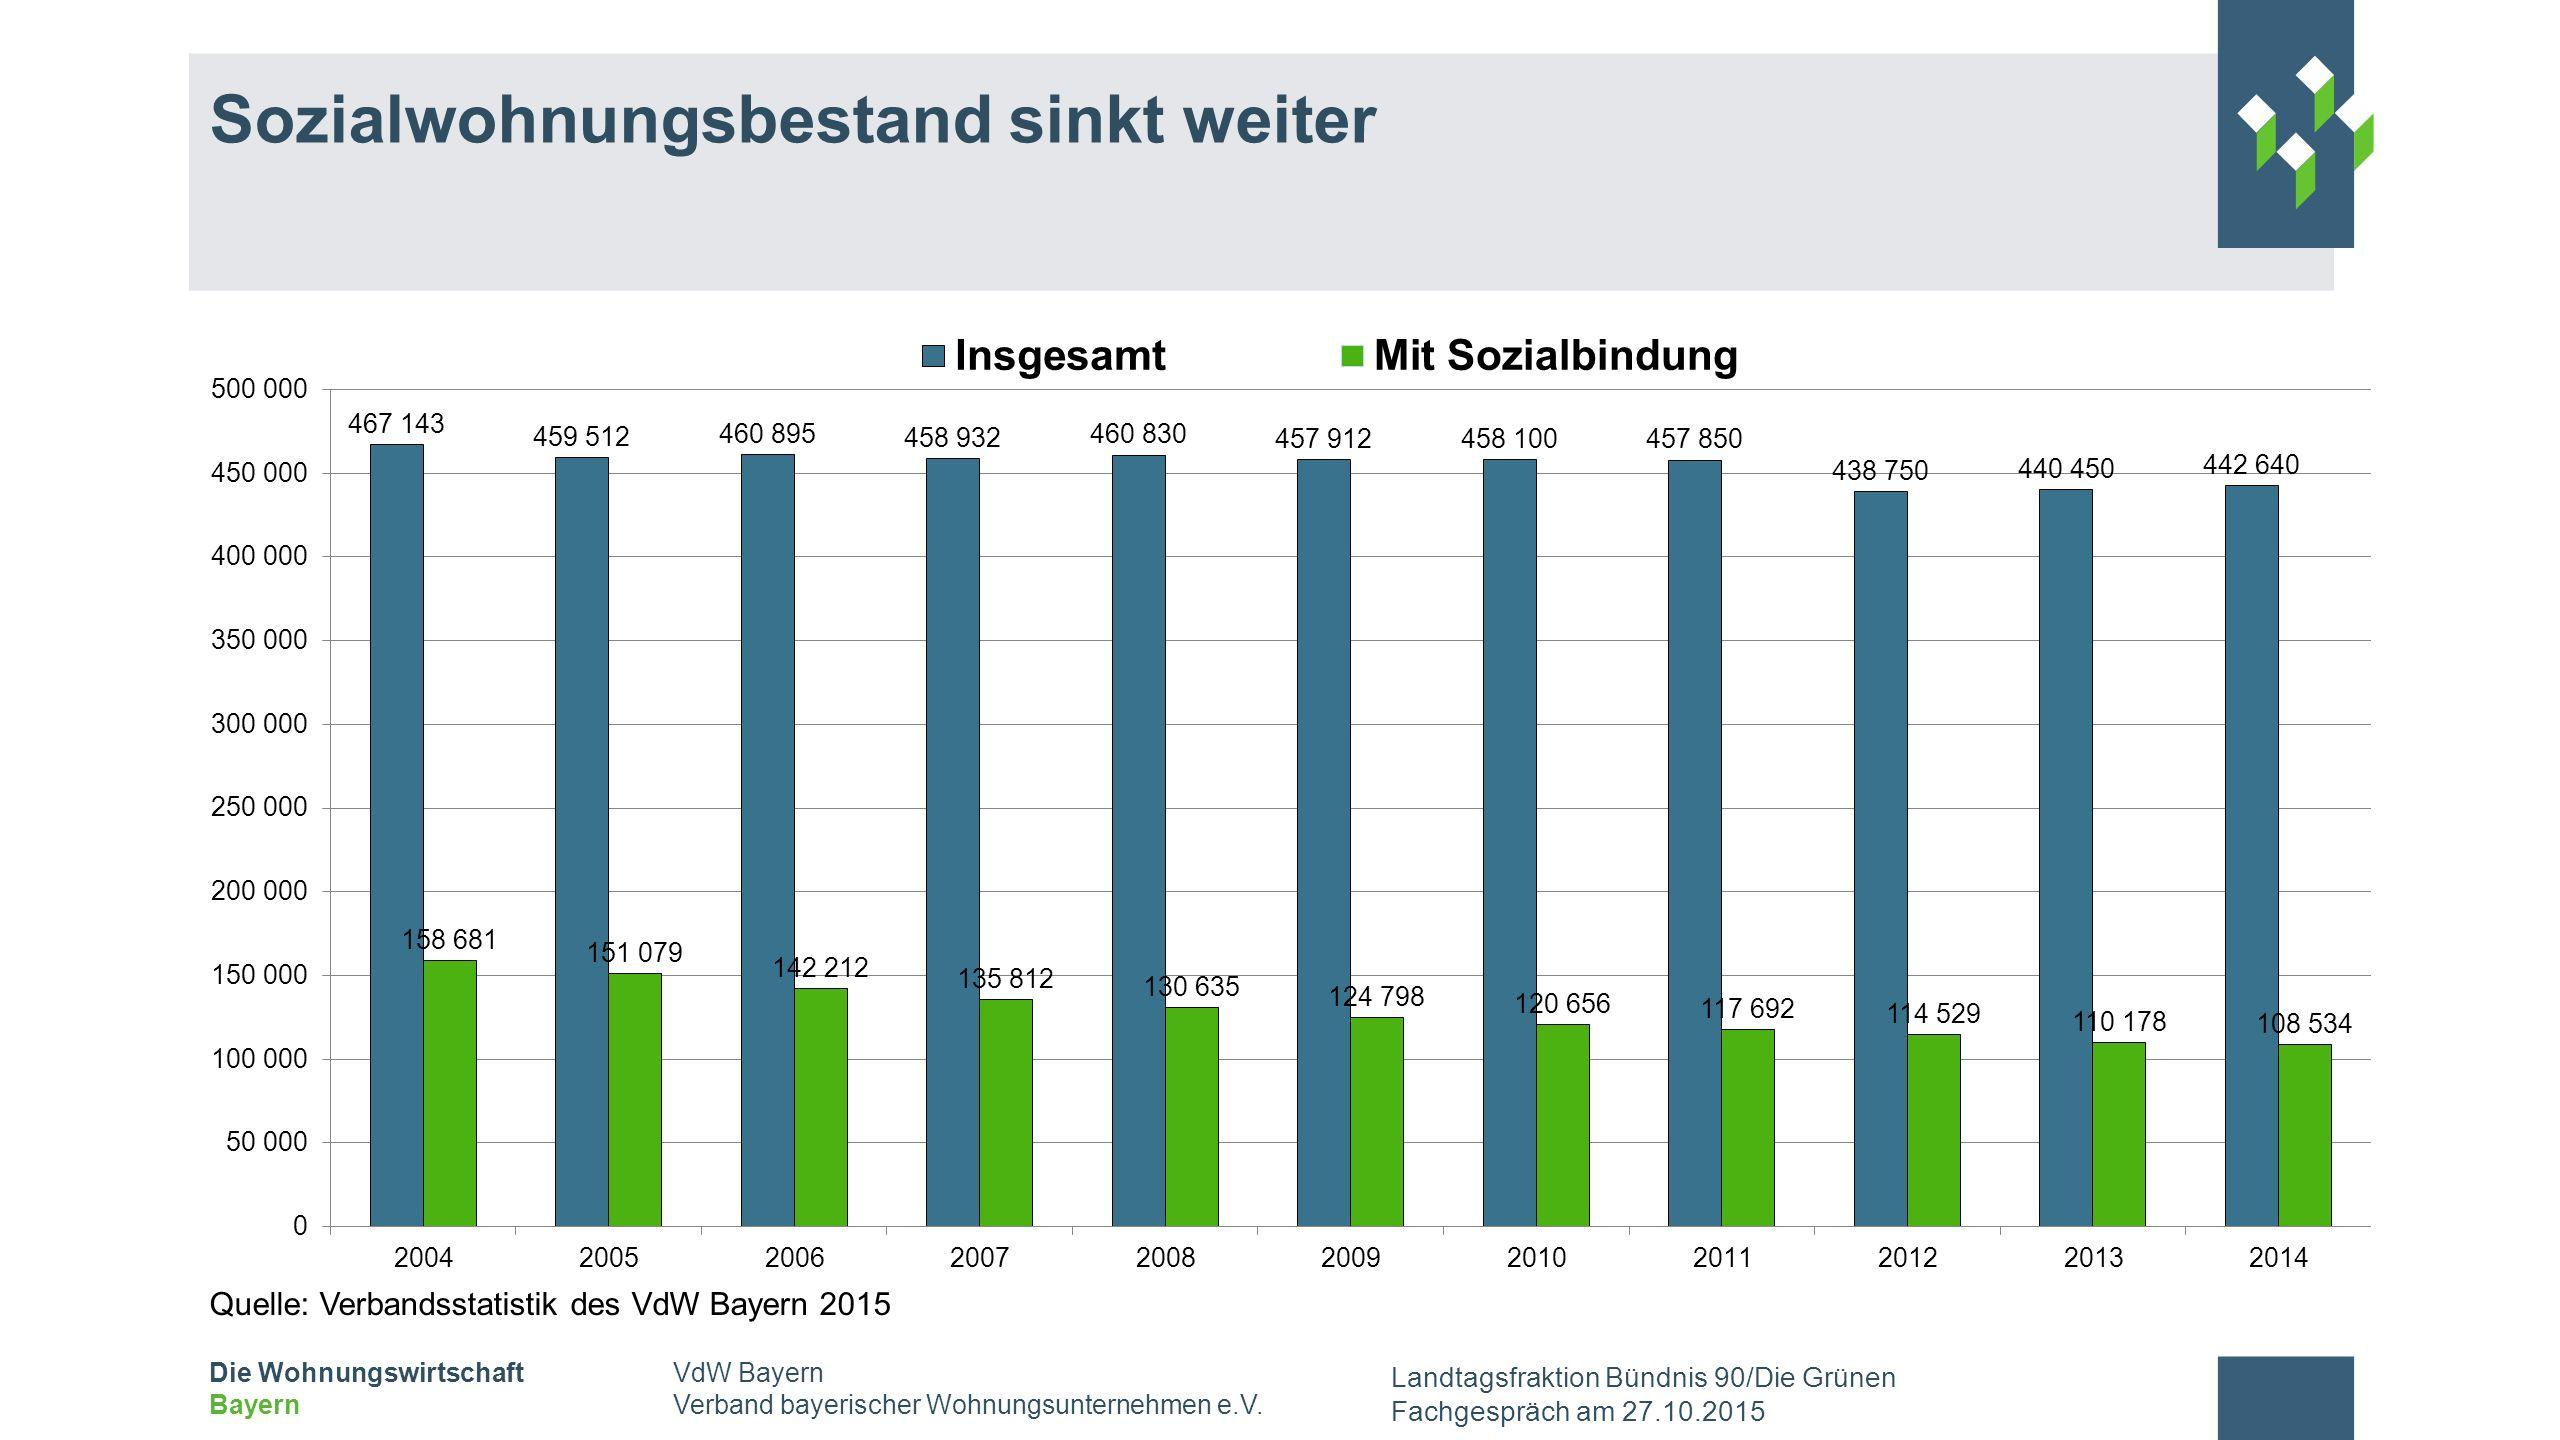 Sozialwohnungsbestand sinkt weiter